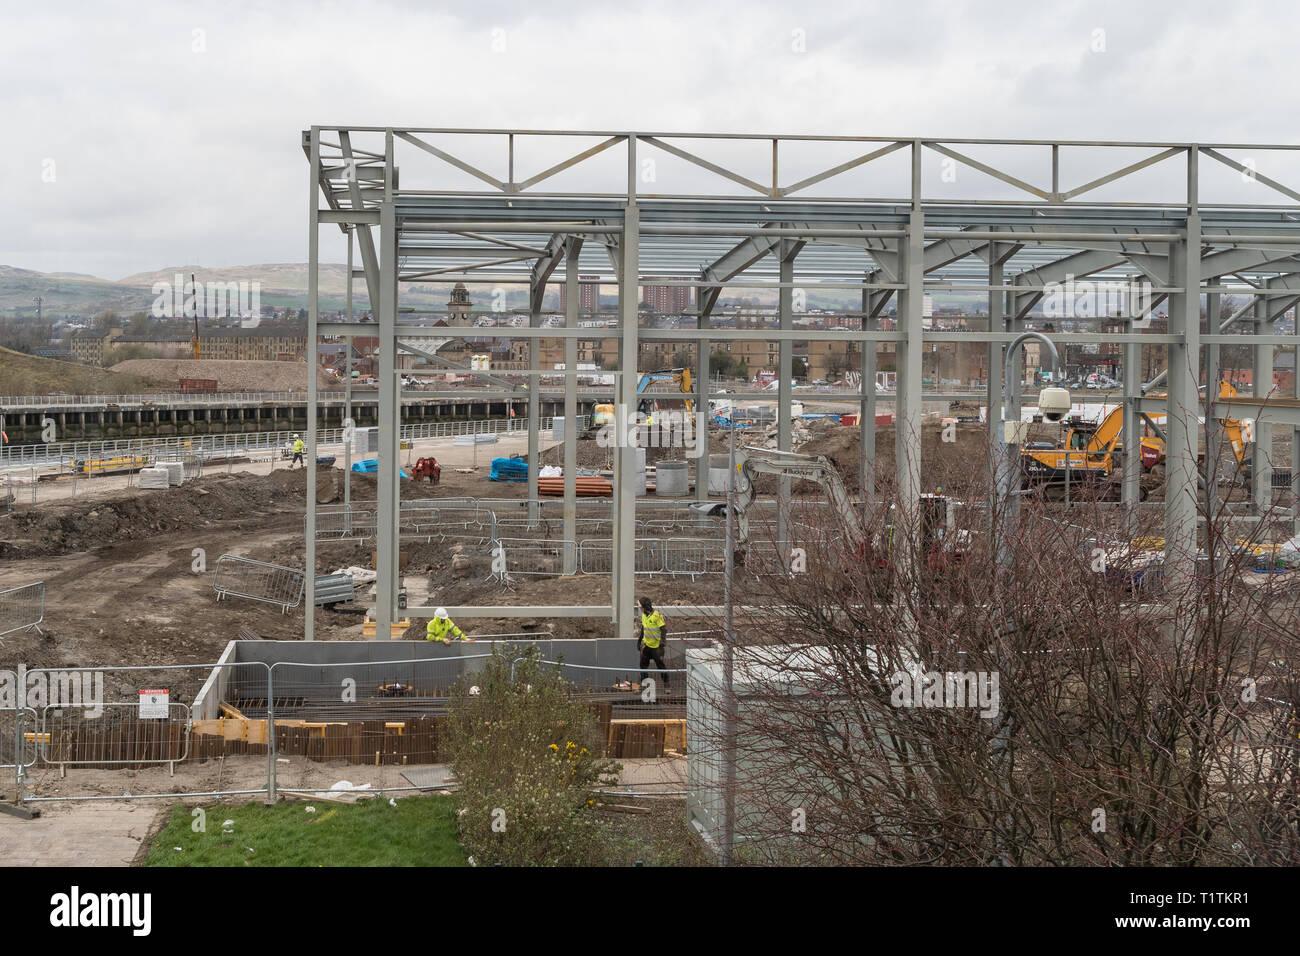 Centre de l'énergie à Clydebank construction ancien John Brown's site du chantier naval, Queen's Quay, Clydebank, Glasgow, Écosse, Royaume-Uni Banque D'Images